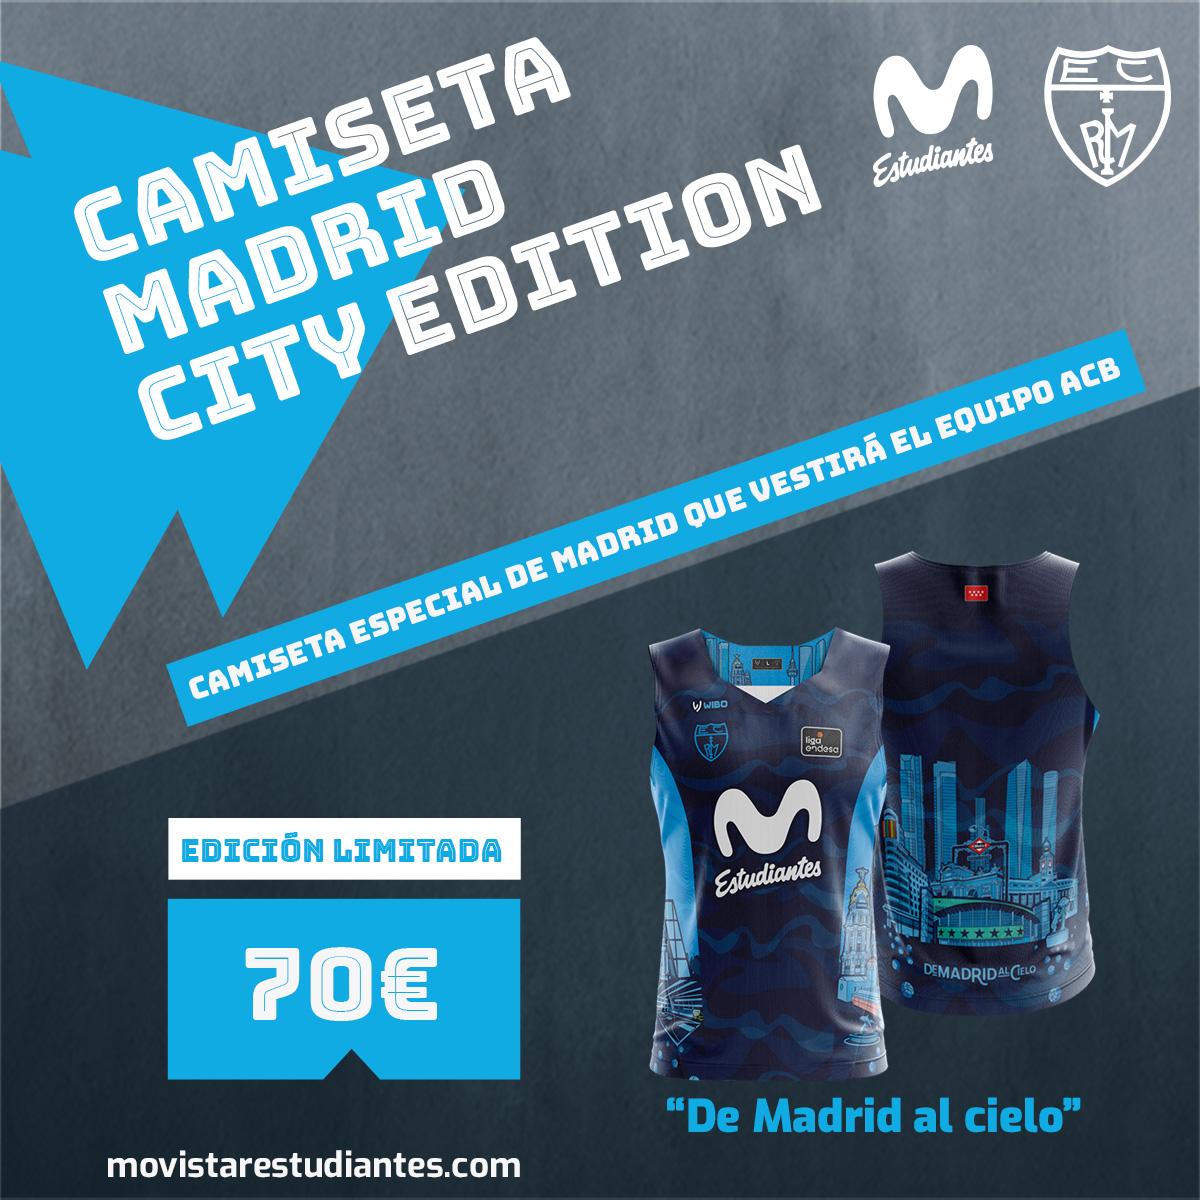 Camiseta edición Madrid ¡azul marino!